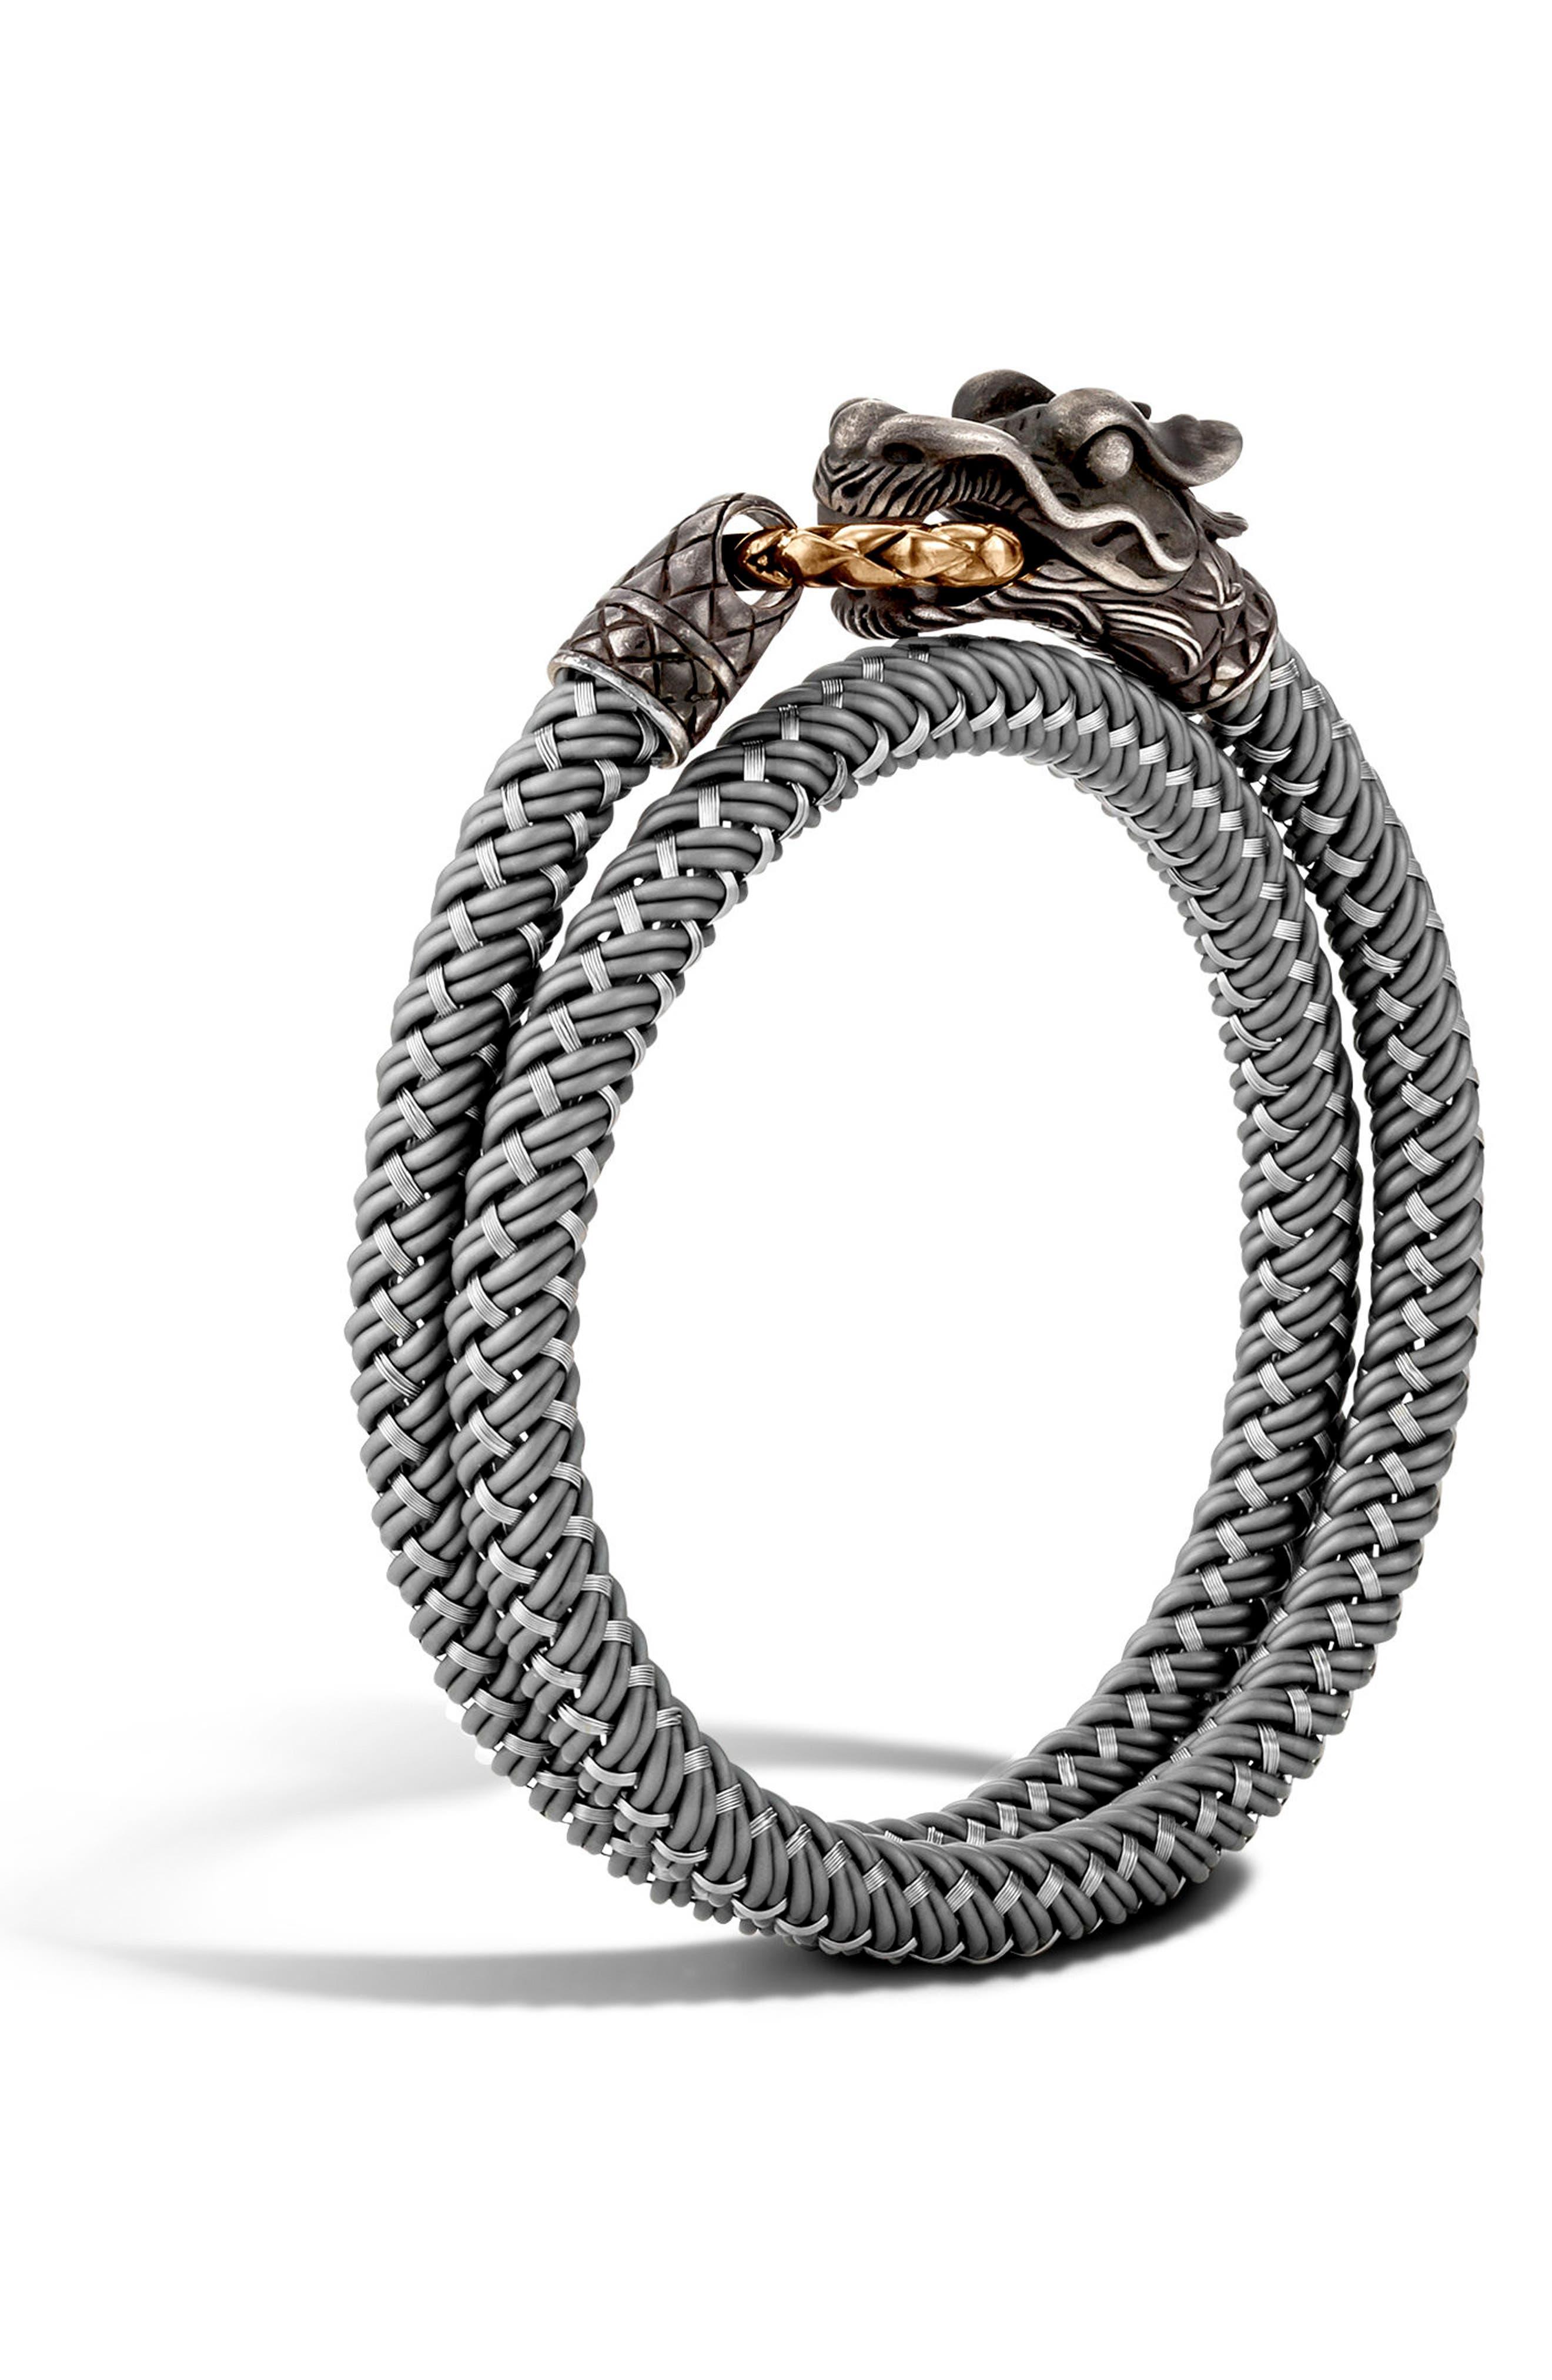 Legends Naga Double Wrap Bracelet,                             Main thumbnail 1, color,                             Silver/ Grey